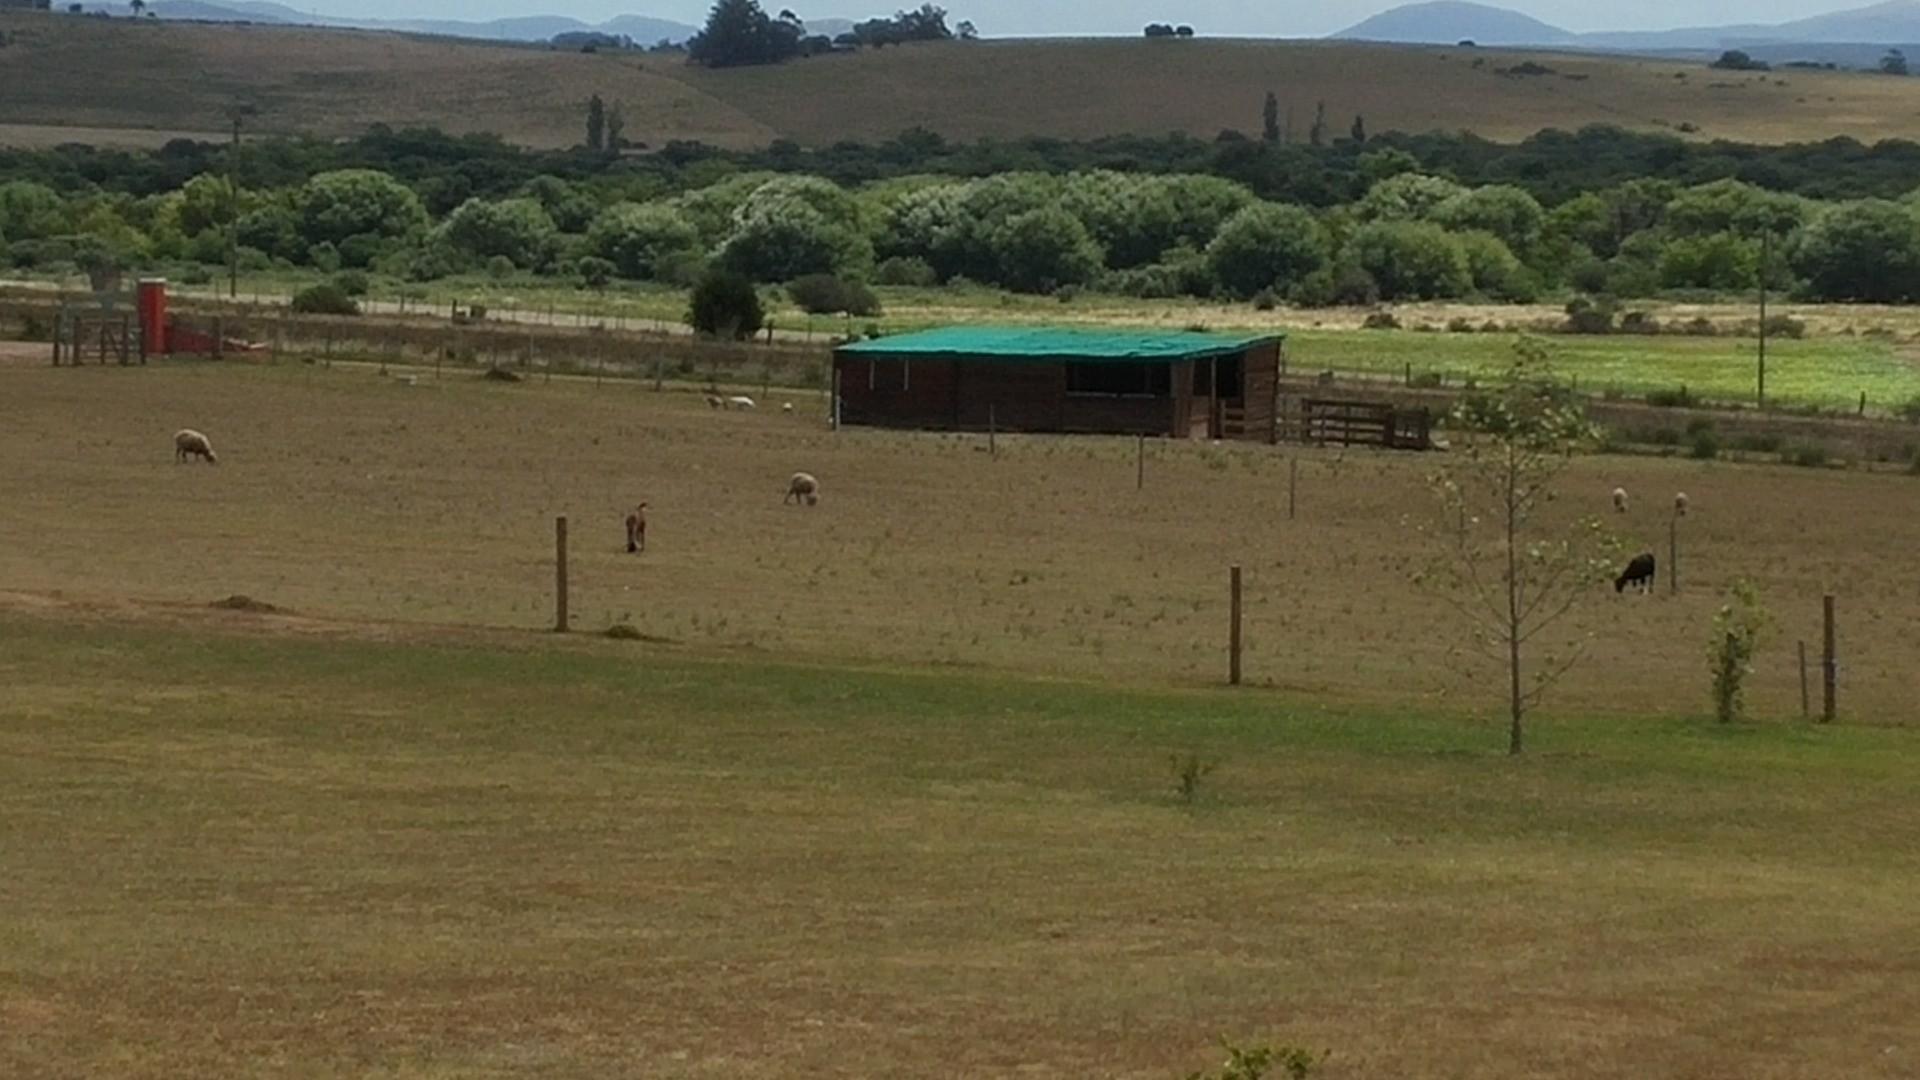 Vendo/permuto Chacra/Casa Quinta Vacacional Campo c/piscina en Maldonado Uruguay